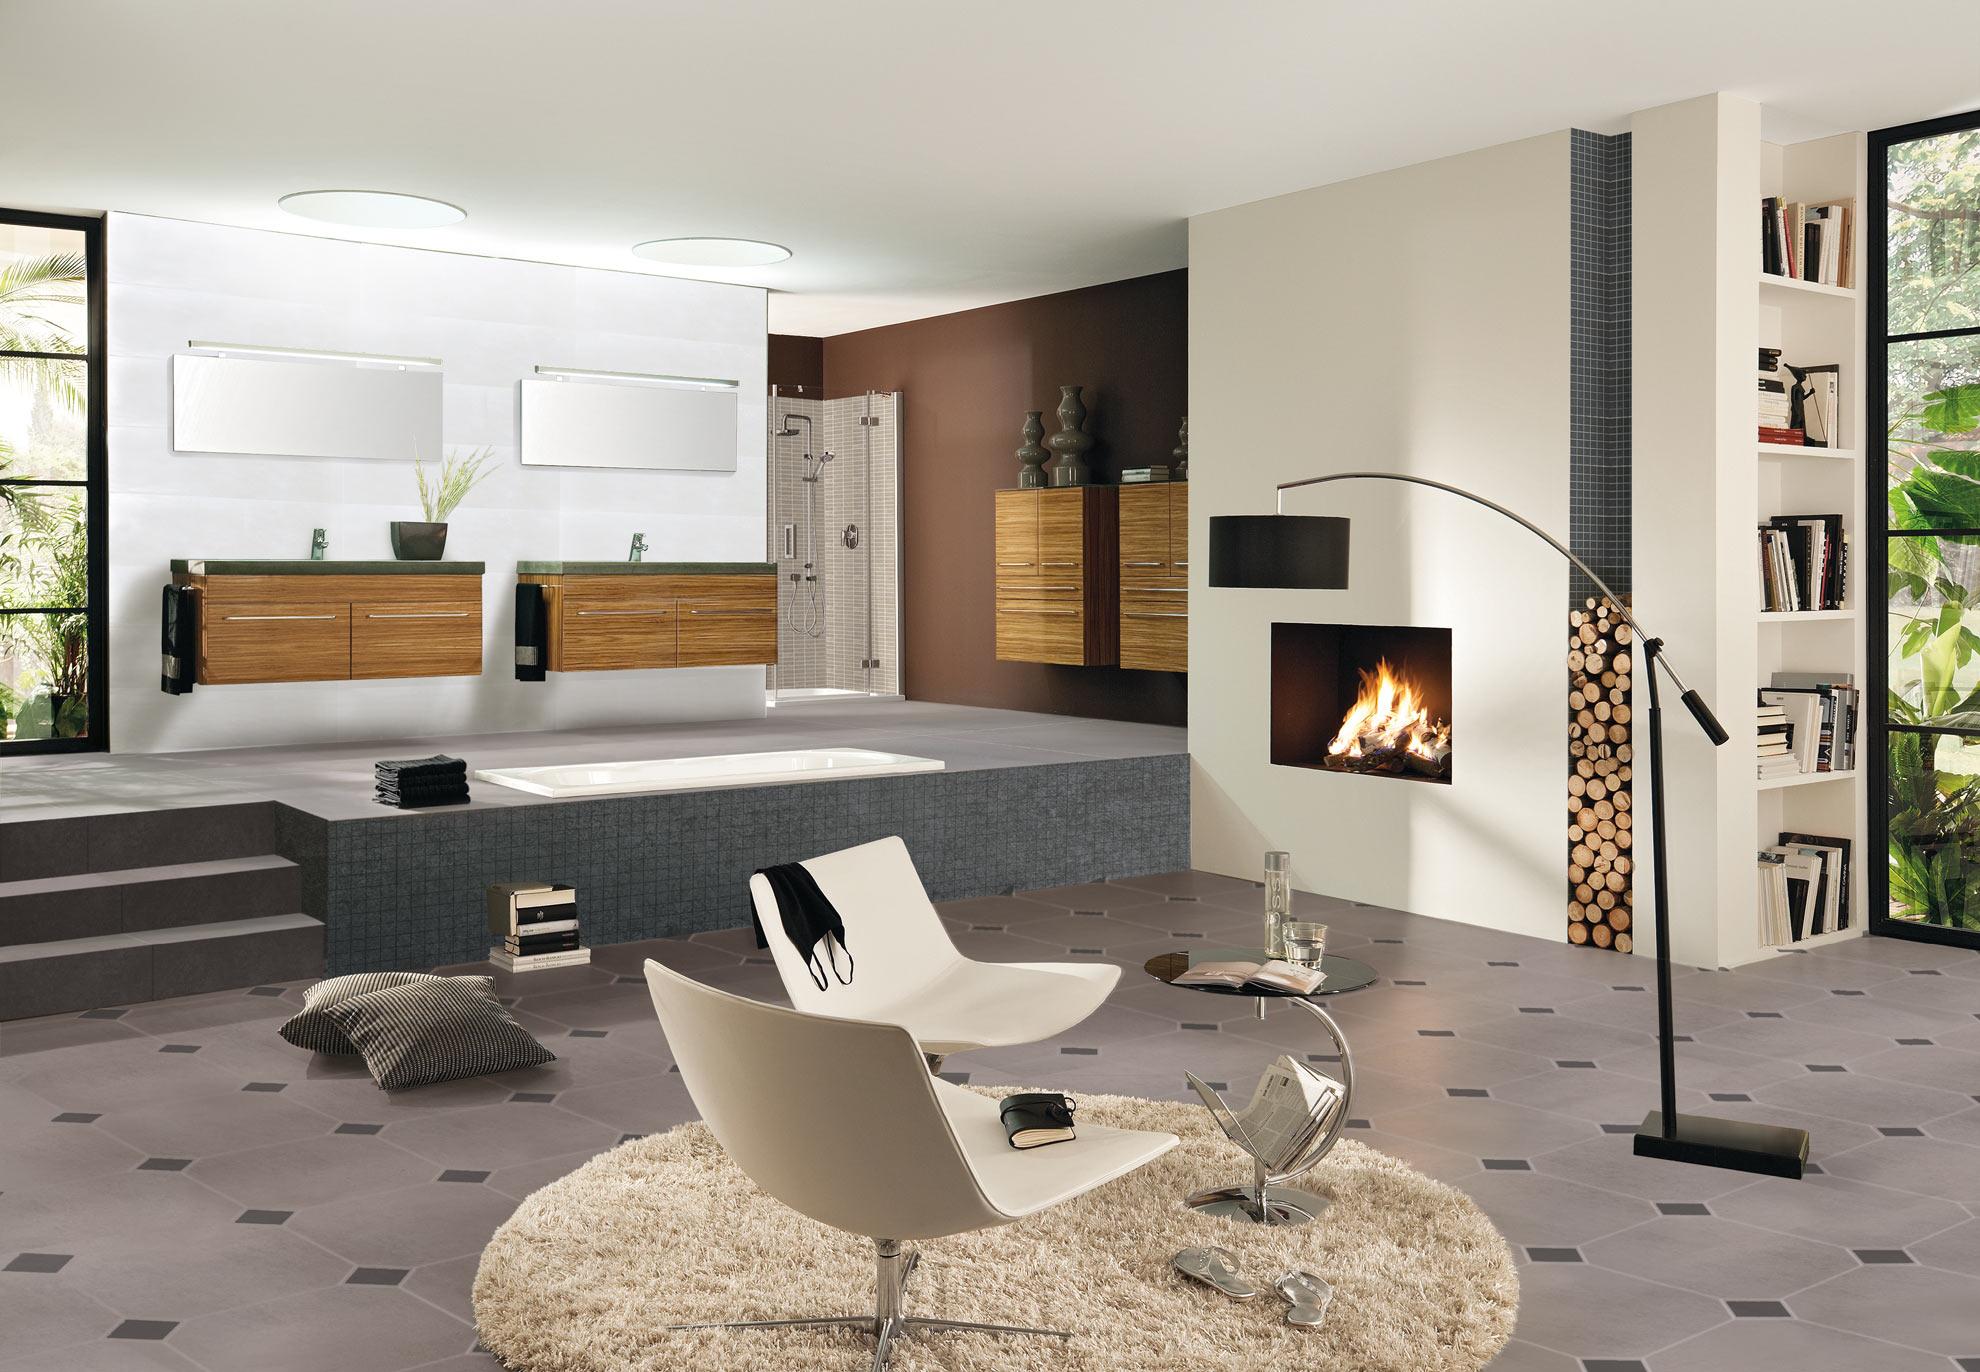 Einladendes Wohnzimmer mit wärmendem Feuer im Kamin